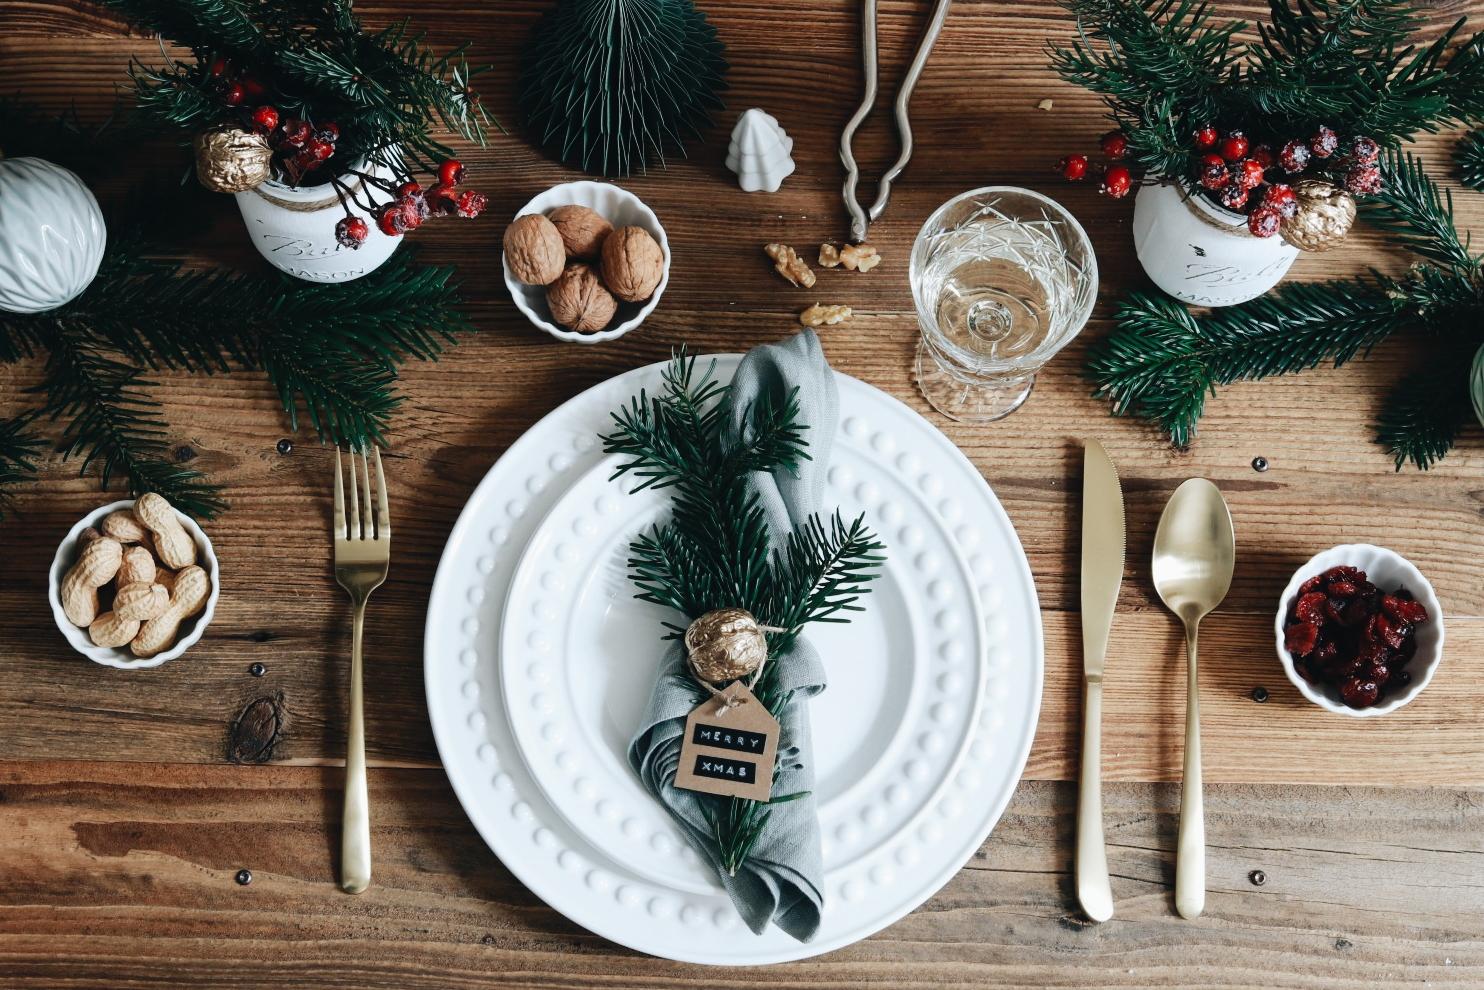 Weihnachtliche Tischdekoration & Geschenkideen mit Seeberger